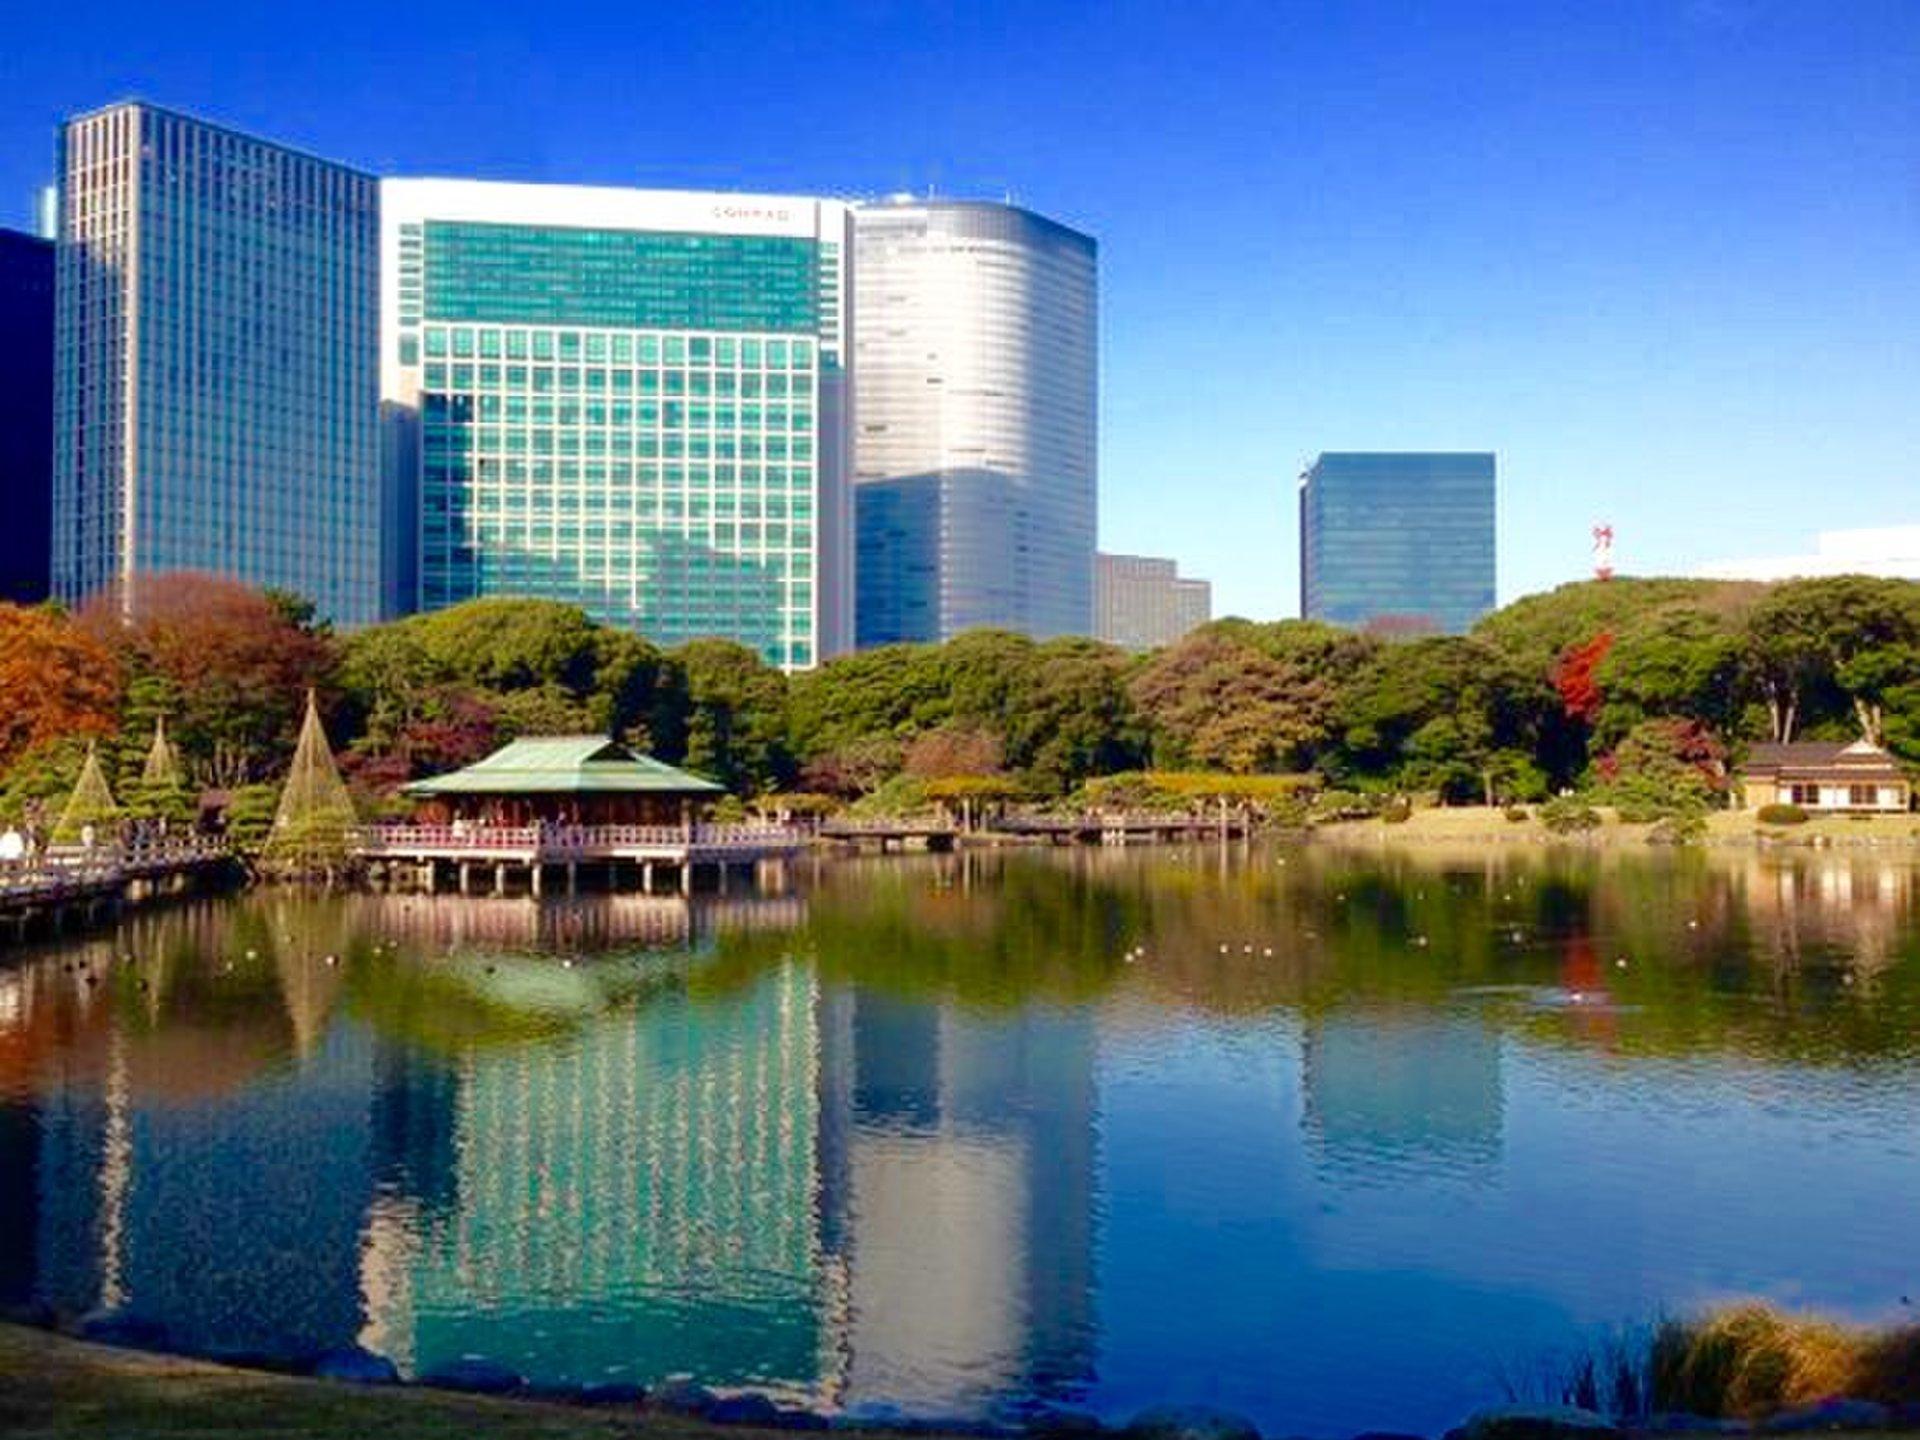 雨の日でも風情あり!東京都内の日本庭園デートで和を感じよう♡